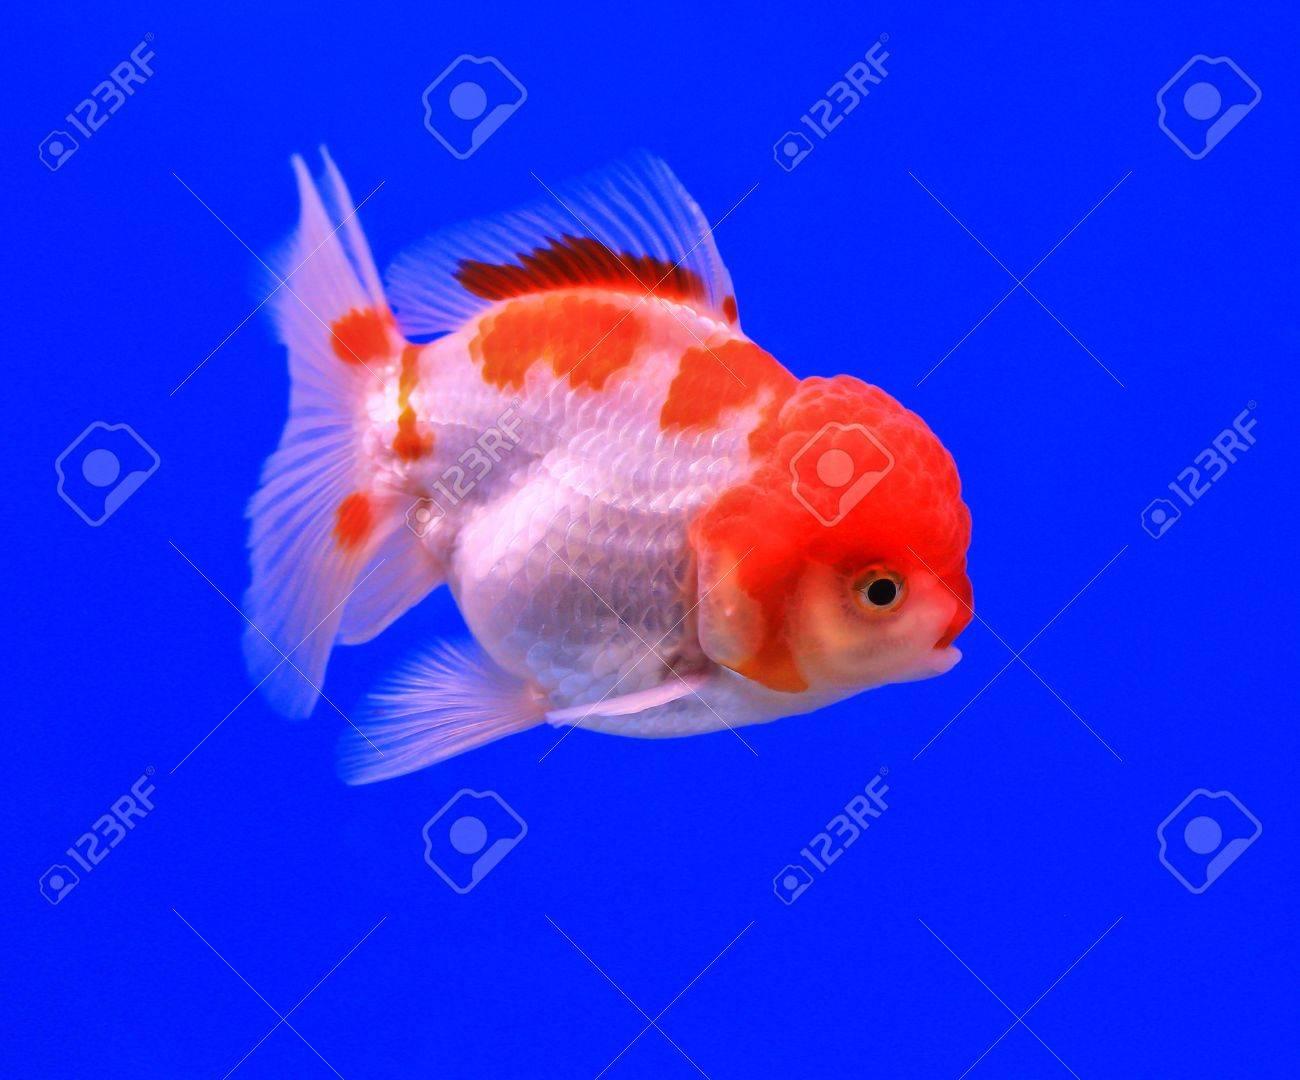 Fish in the aquarium glass Stock Photo - 13695681